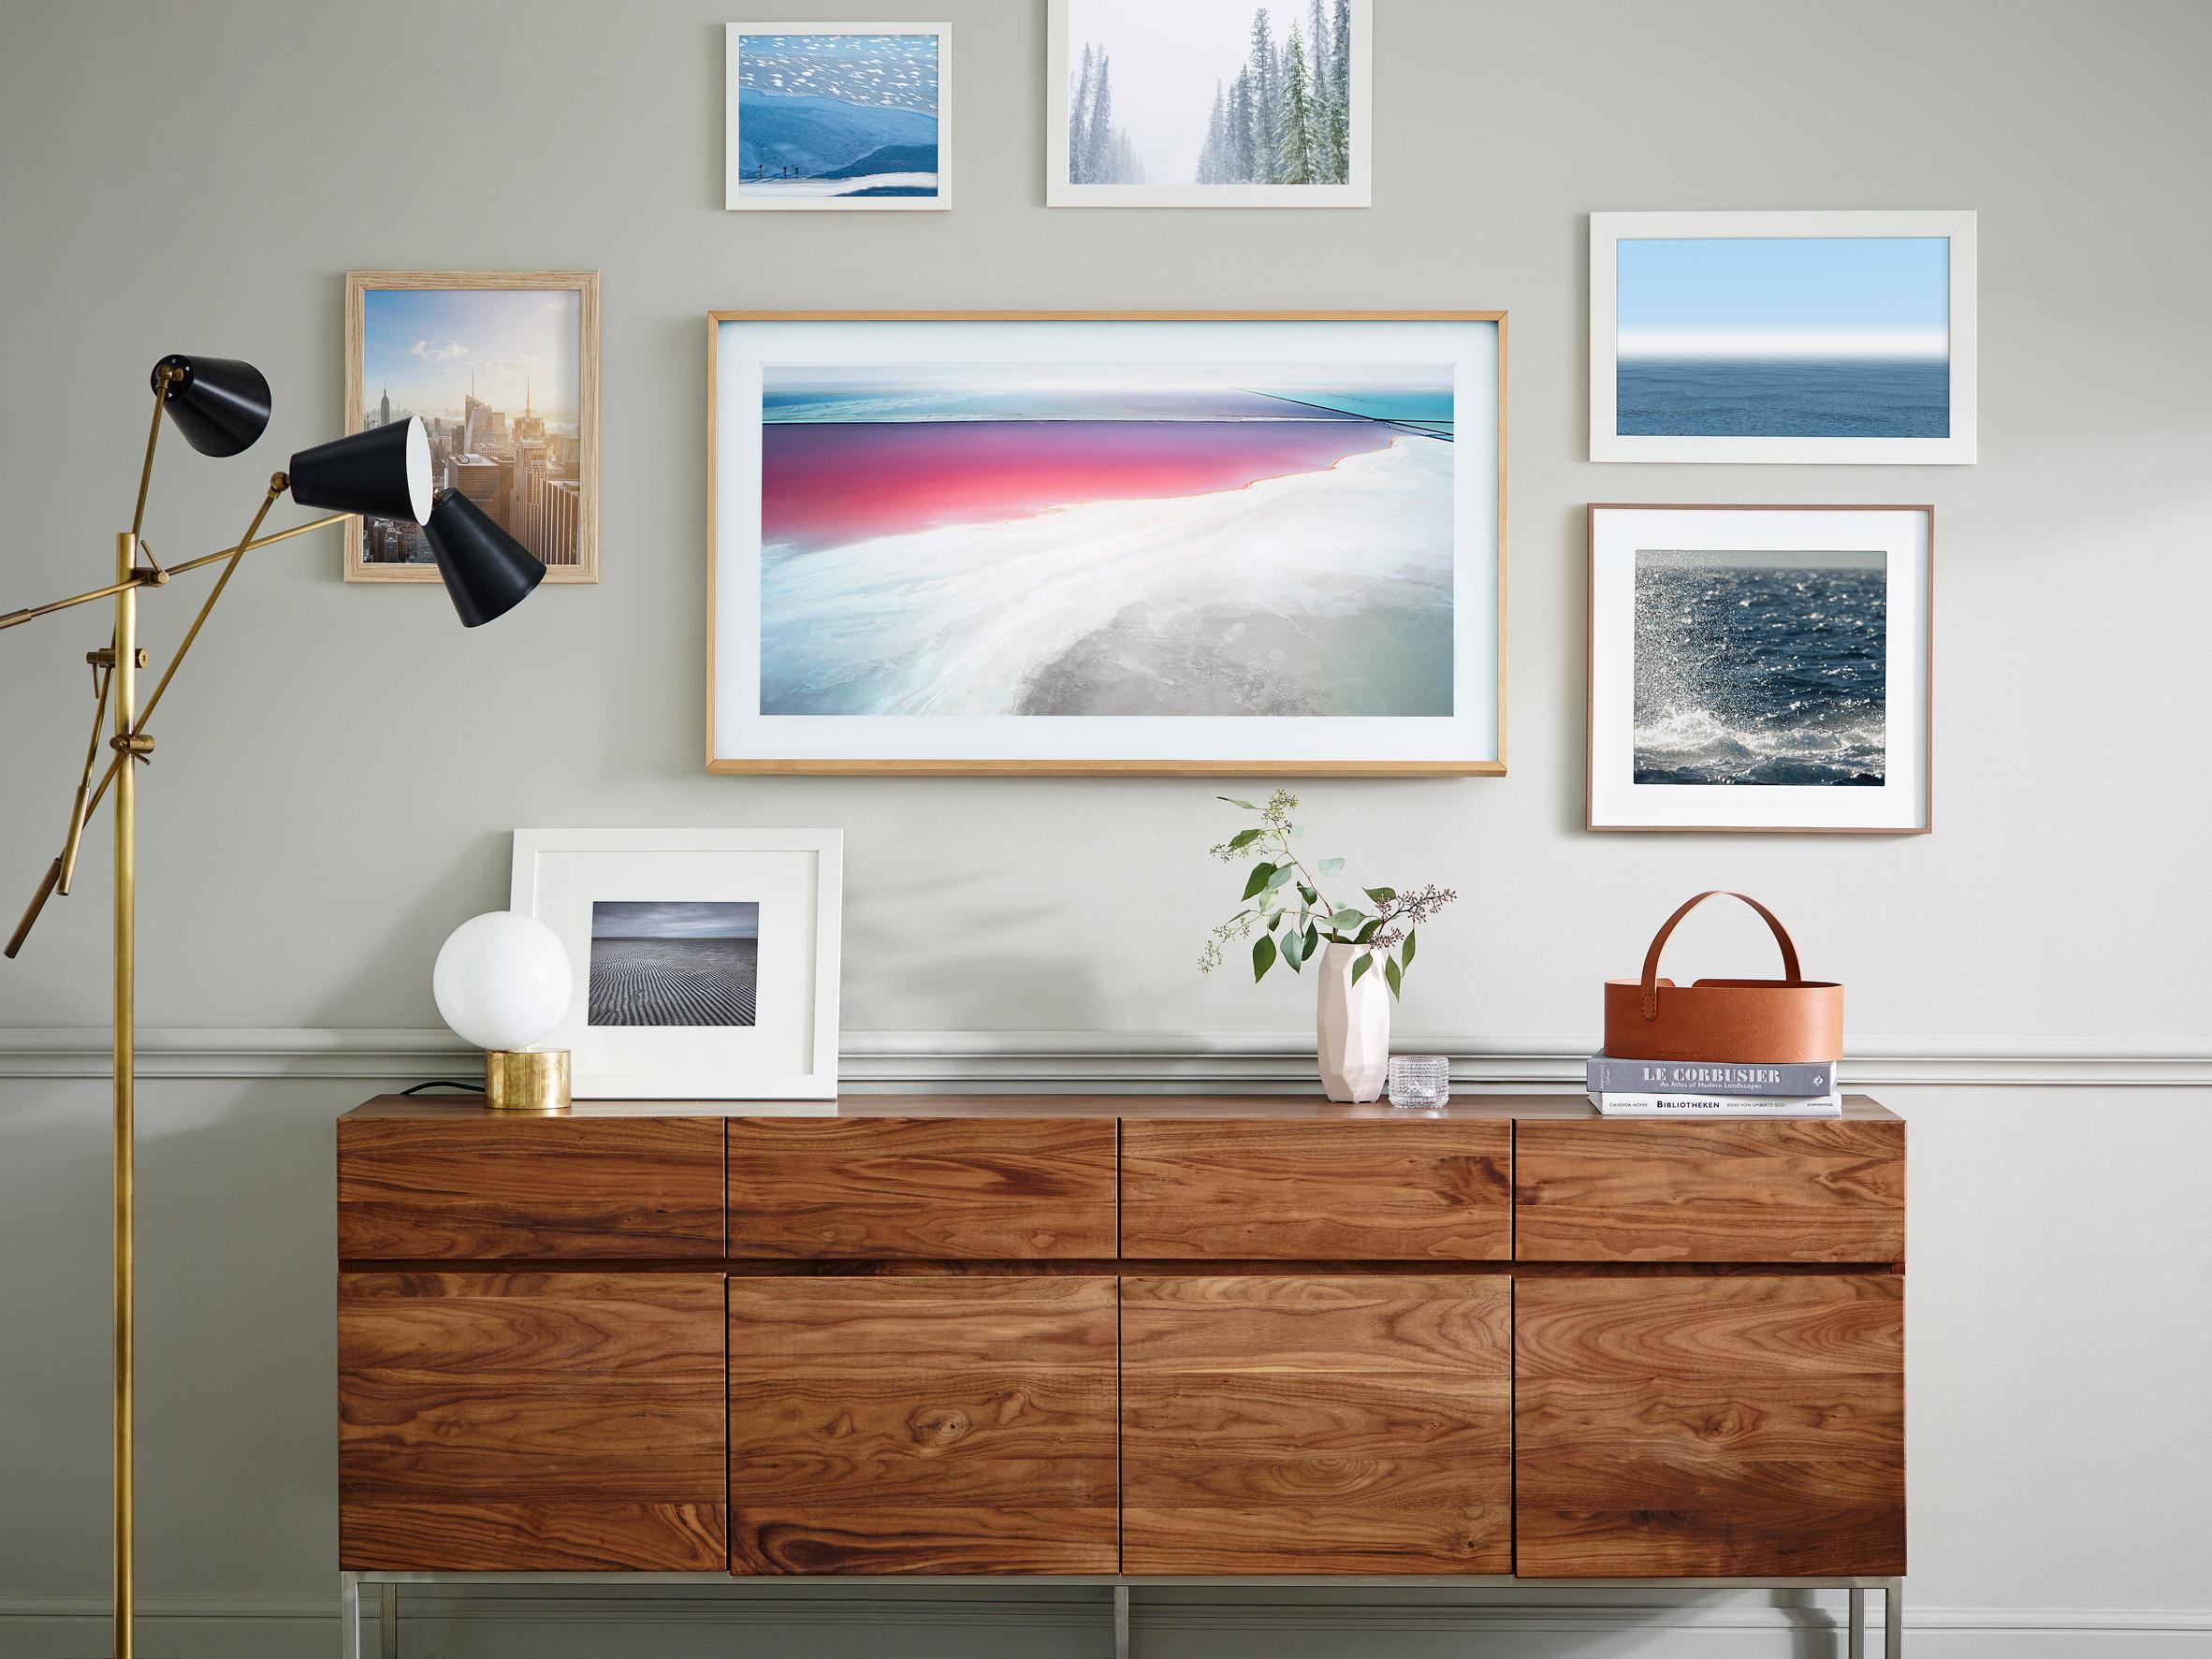 Samsung-Yves-Behar-frame